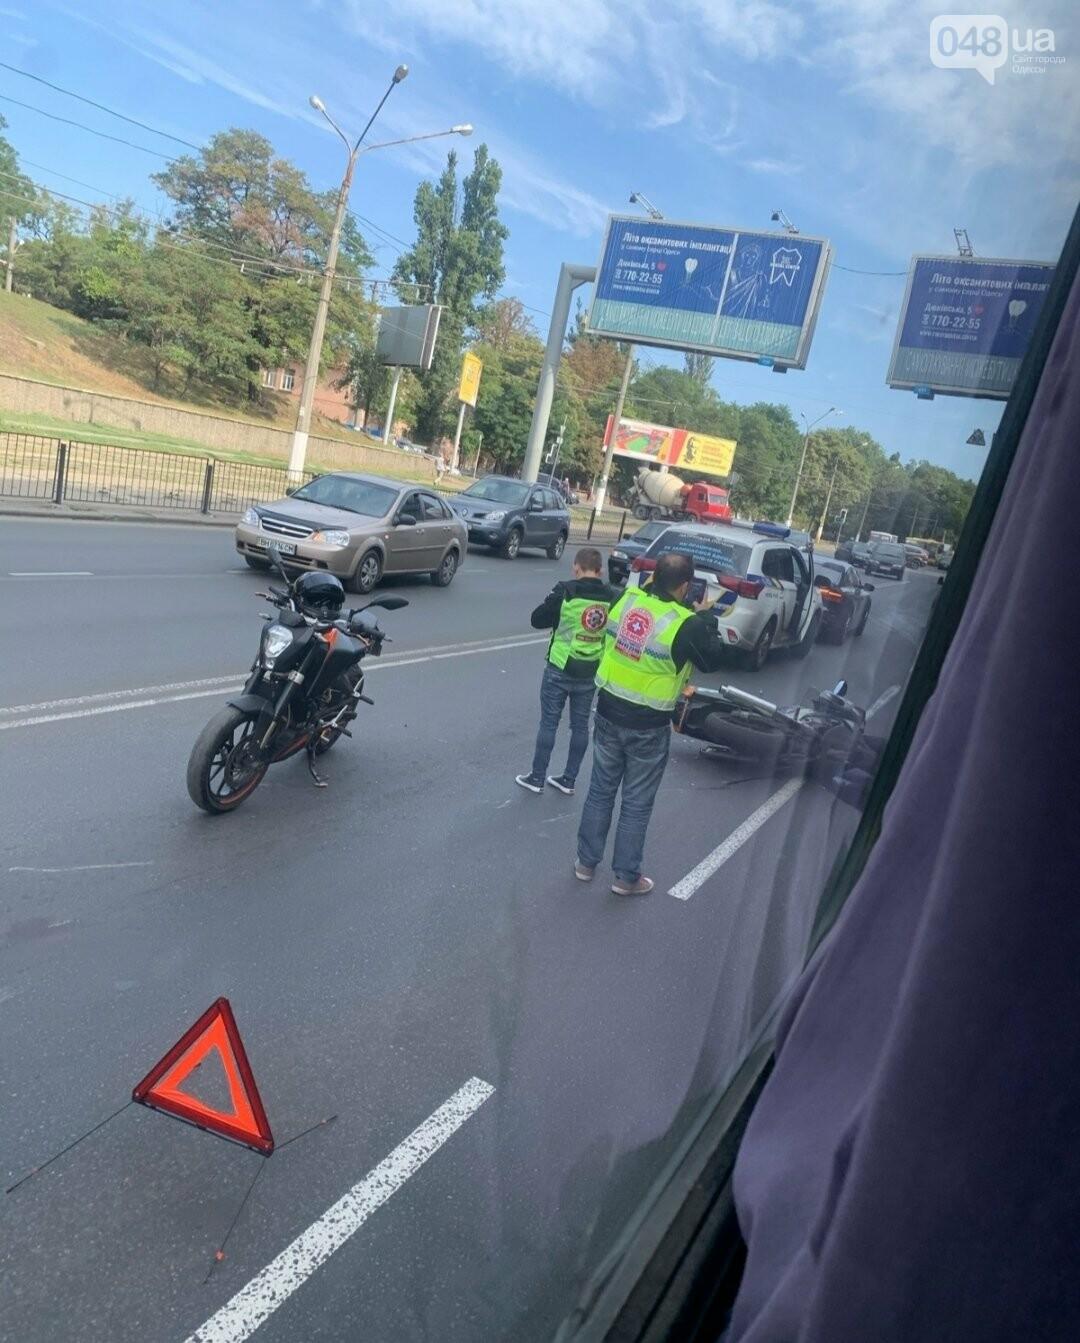 В Одессе произошло ДТП с участием мотоцикла, - ФОТО2